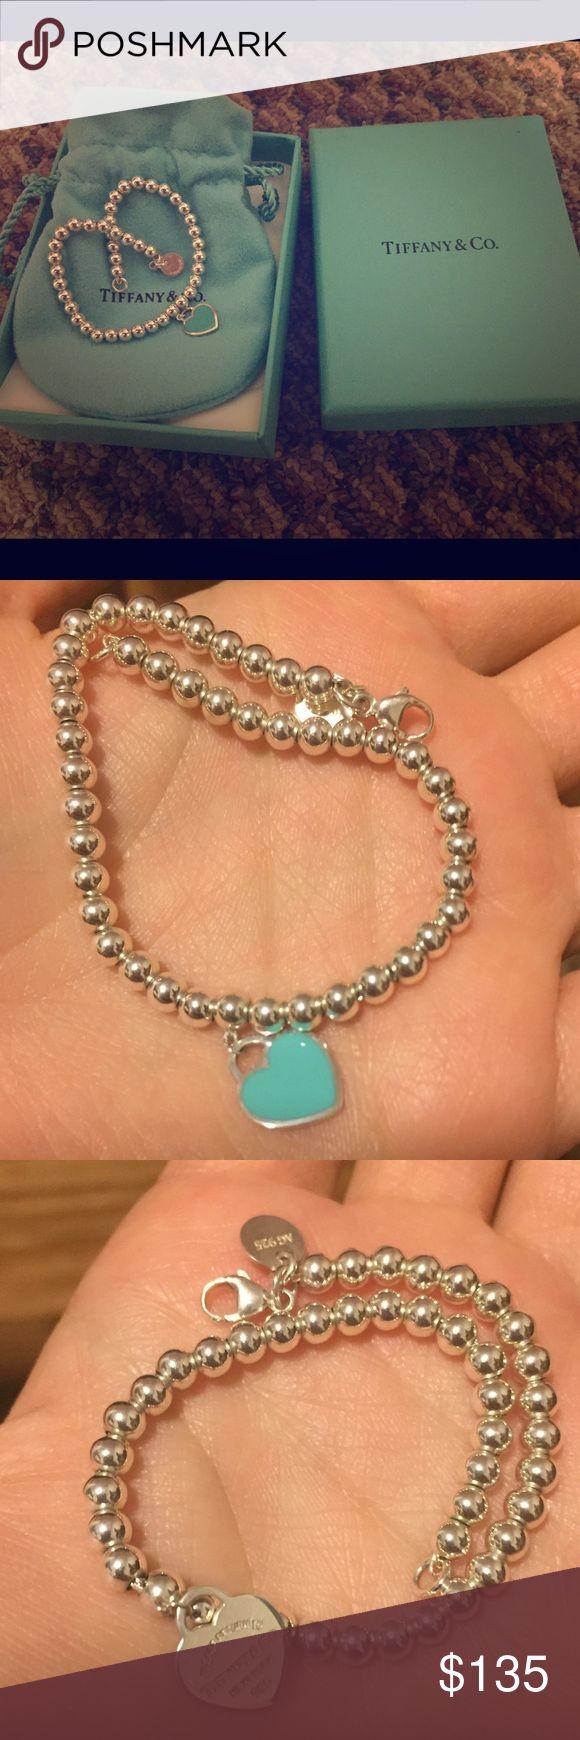 Tiffany Bead Heart Charm Bracelet